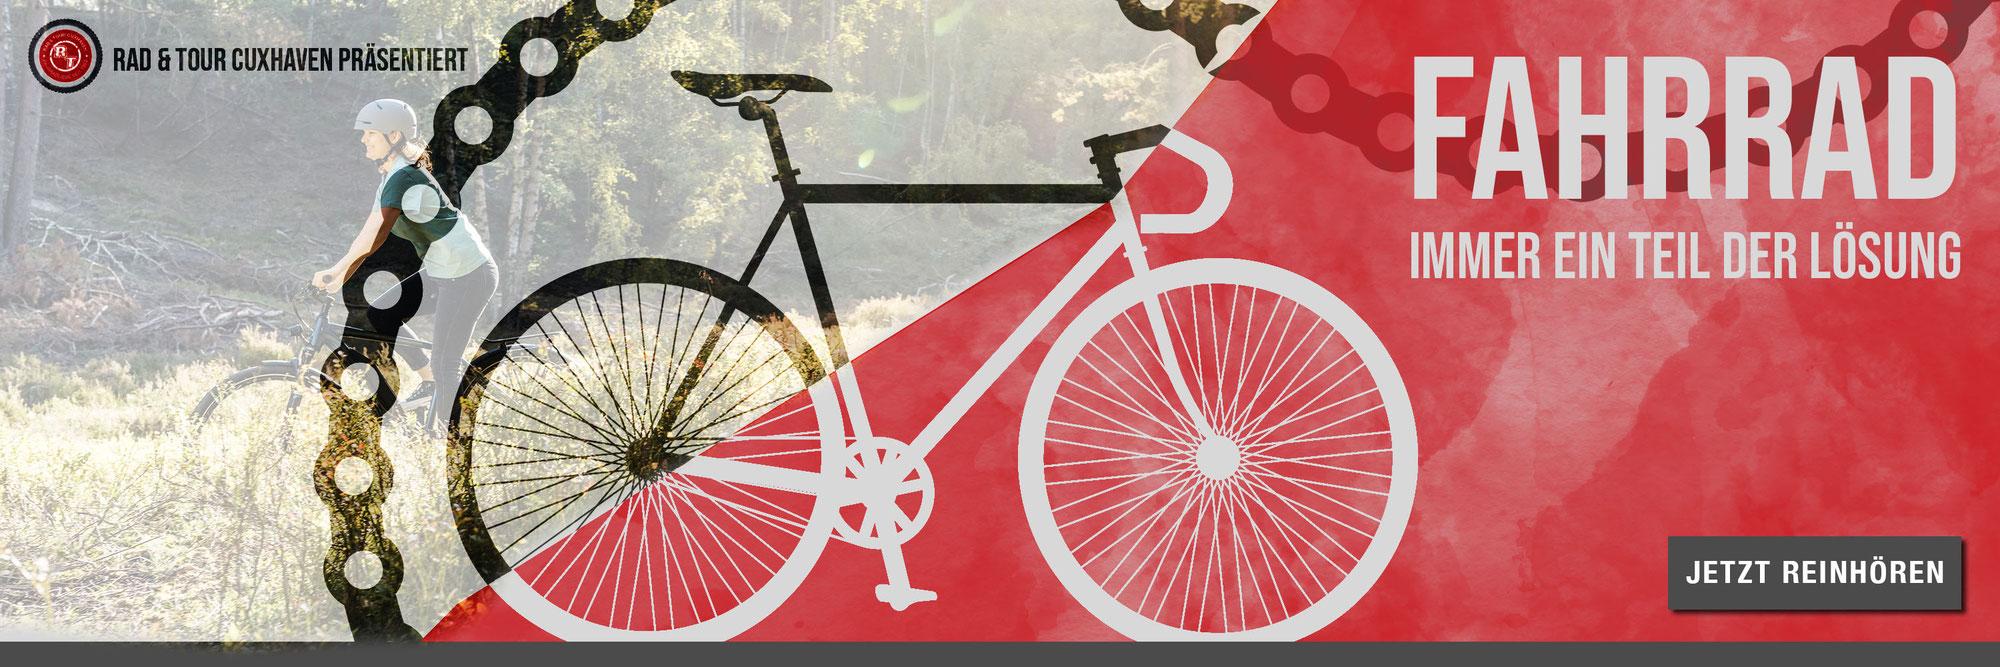 E-Bike Mythen, Gerüchte und Halbwahrheiten